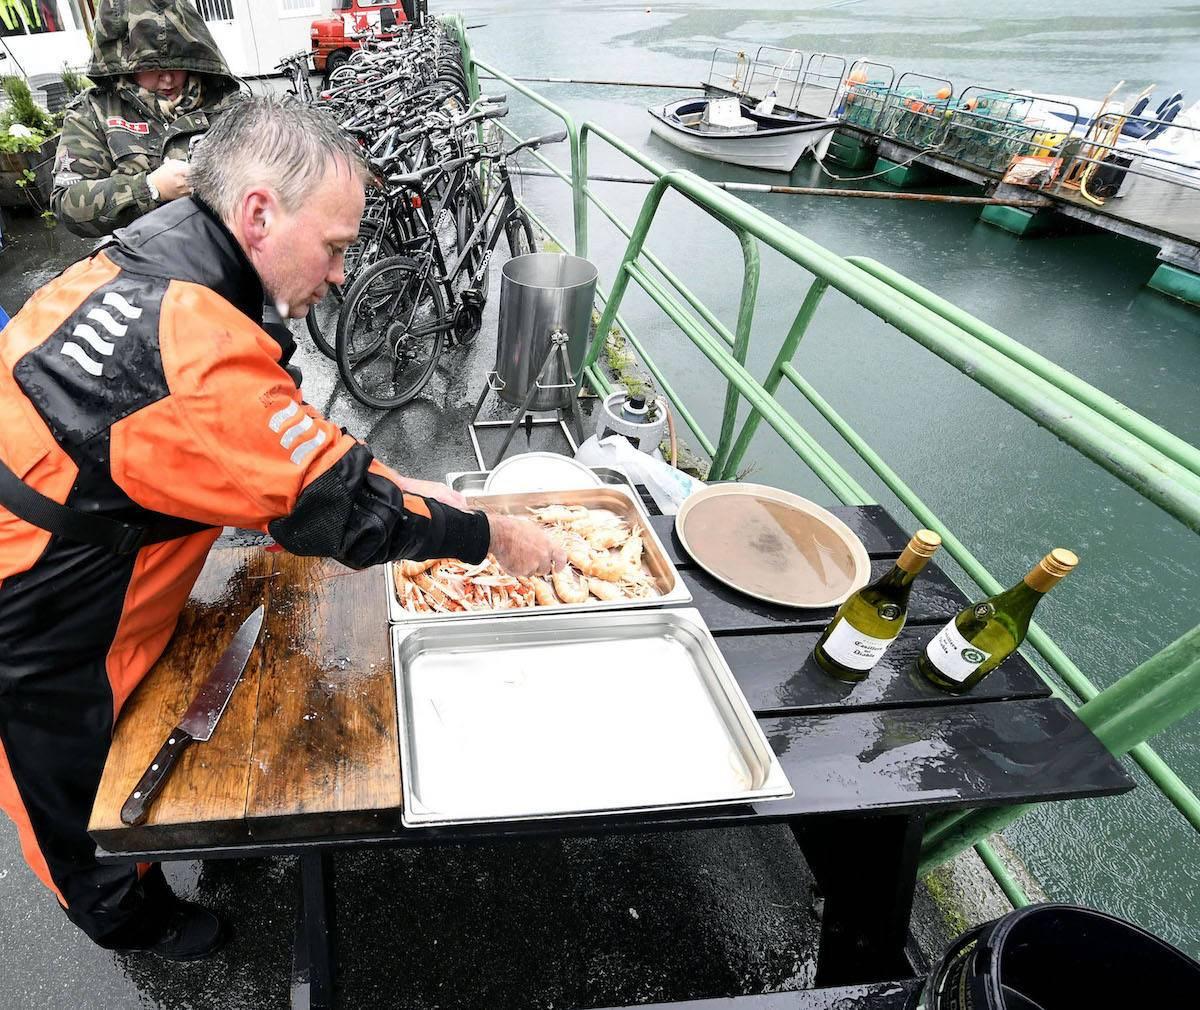 Cray fishing in Olden, Norway